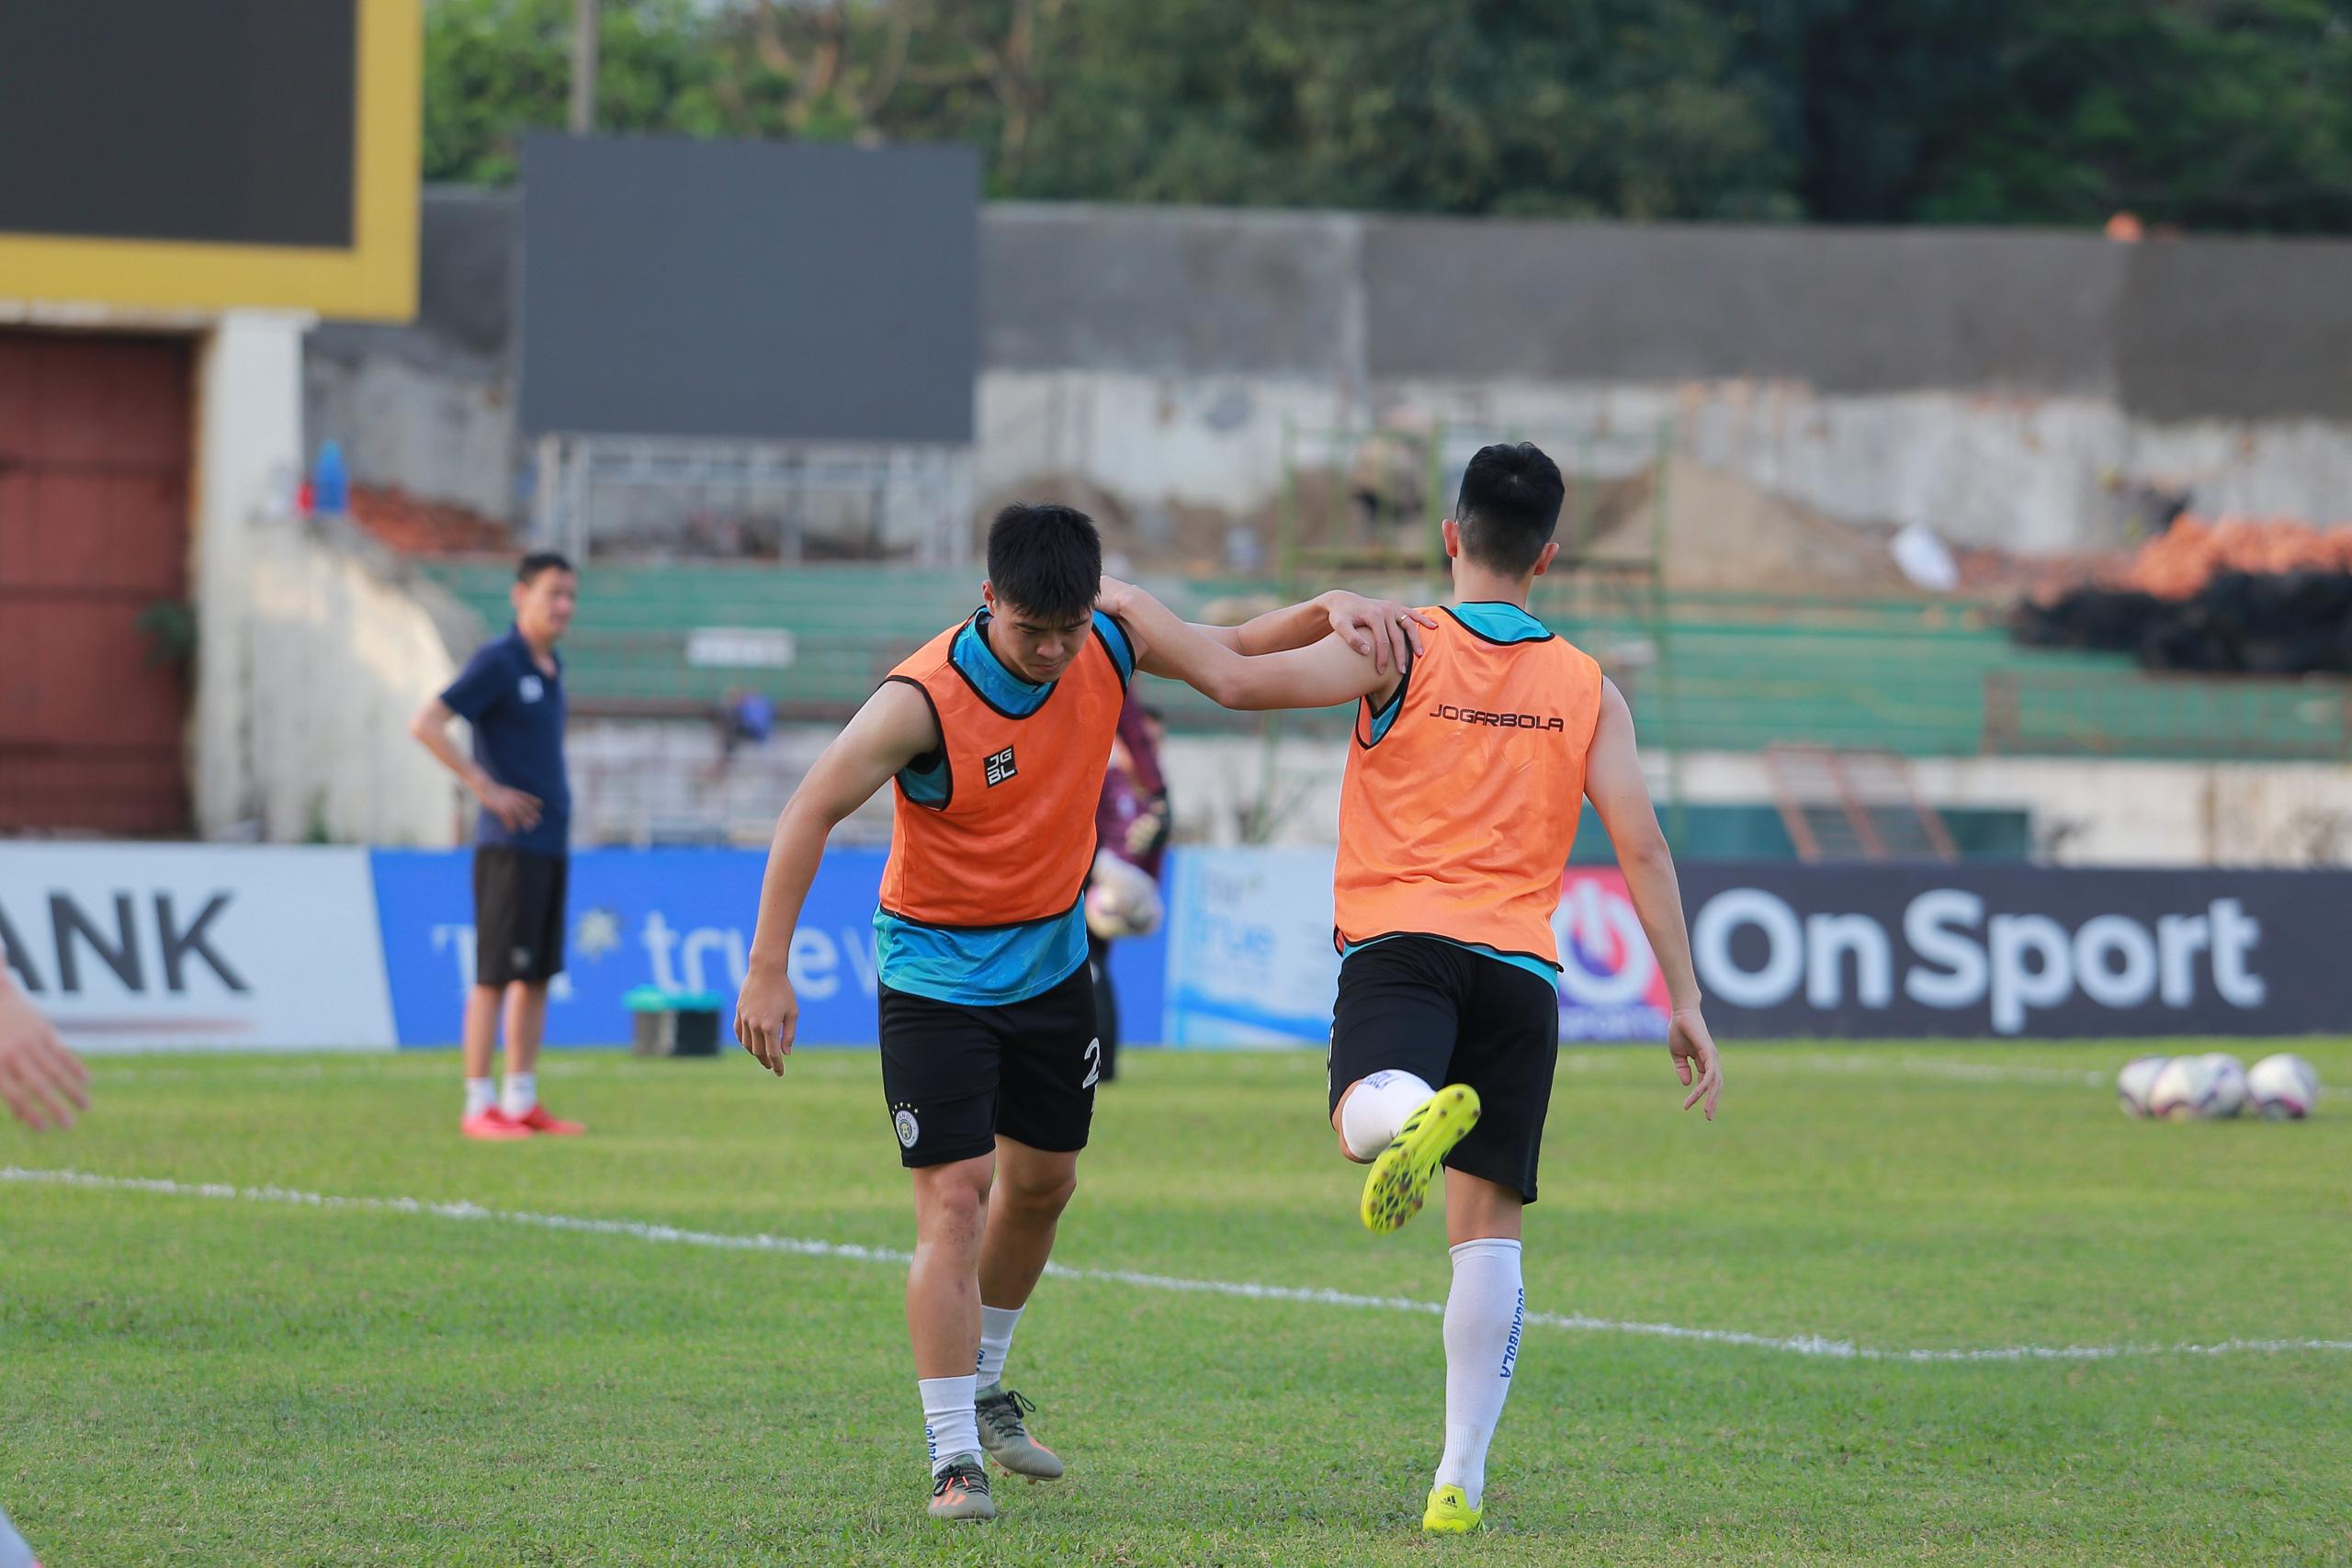 Nóng: Toàn bộ đội 1 của CLB bóng đá Sông Lam Nghệ An bị cách ly vì Covid-19 - Ảnh 6.